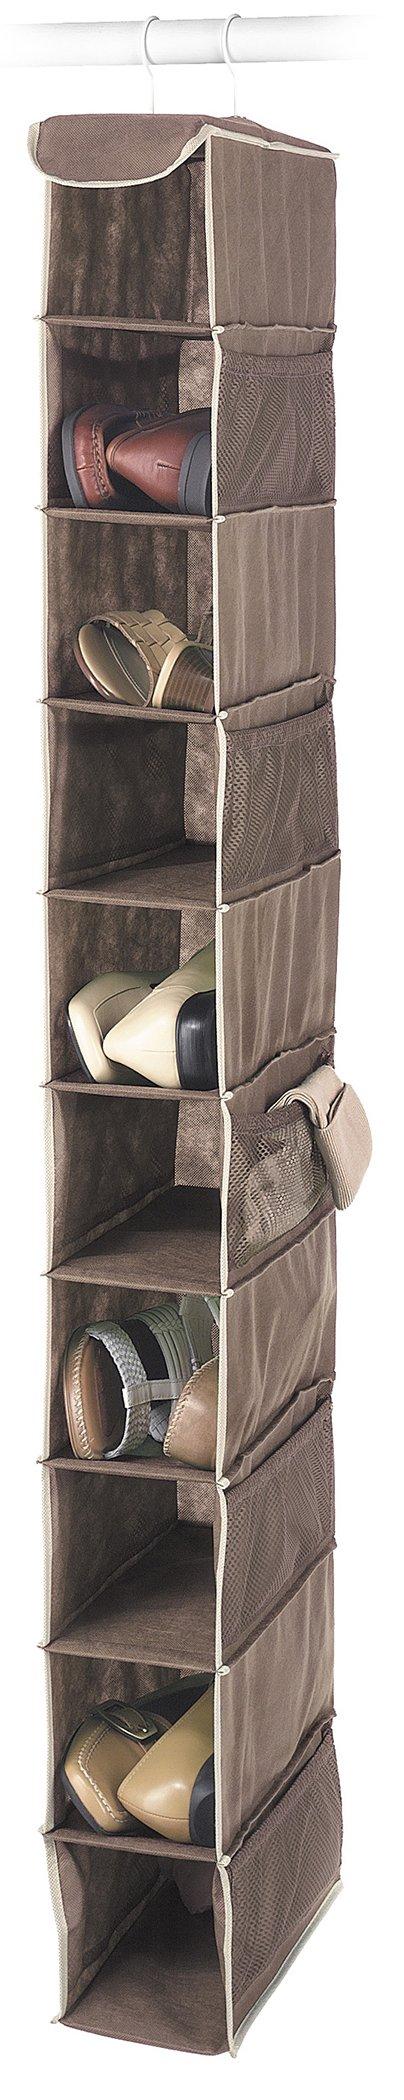 cheap hanging tv shelves find hanging tv shelves deals on line at rh guide alibaba com hanging tv shelves hanging shelves under tv